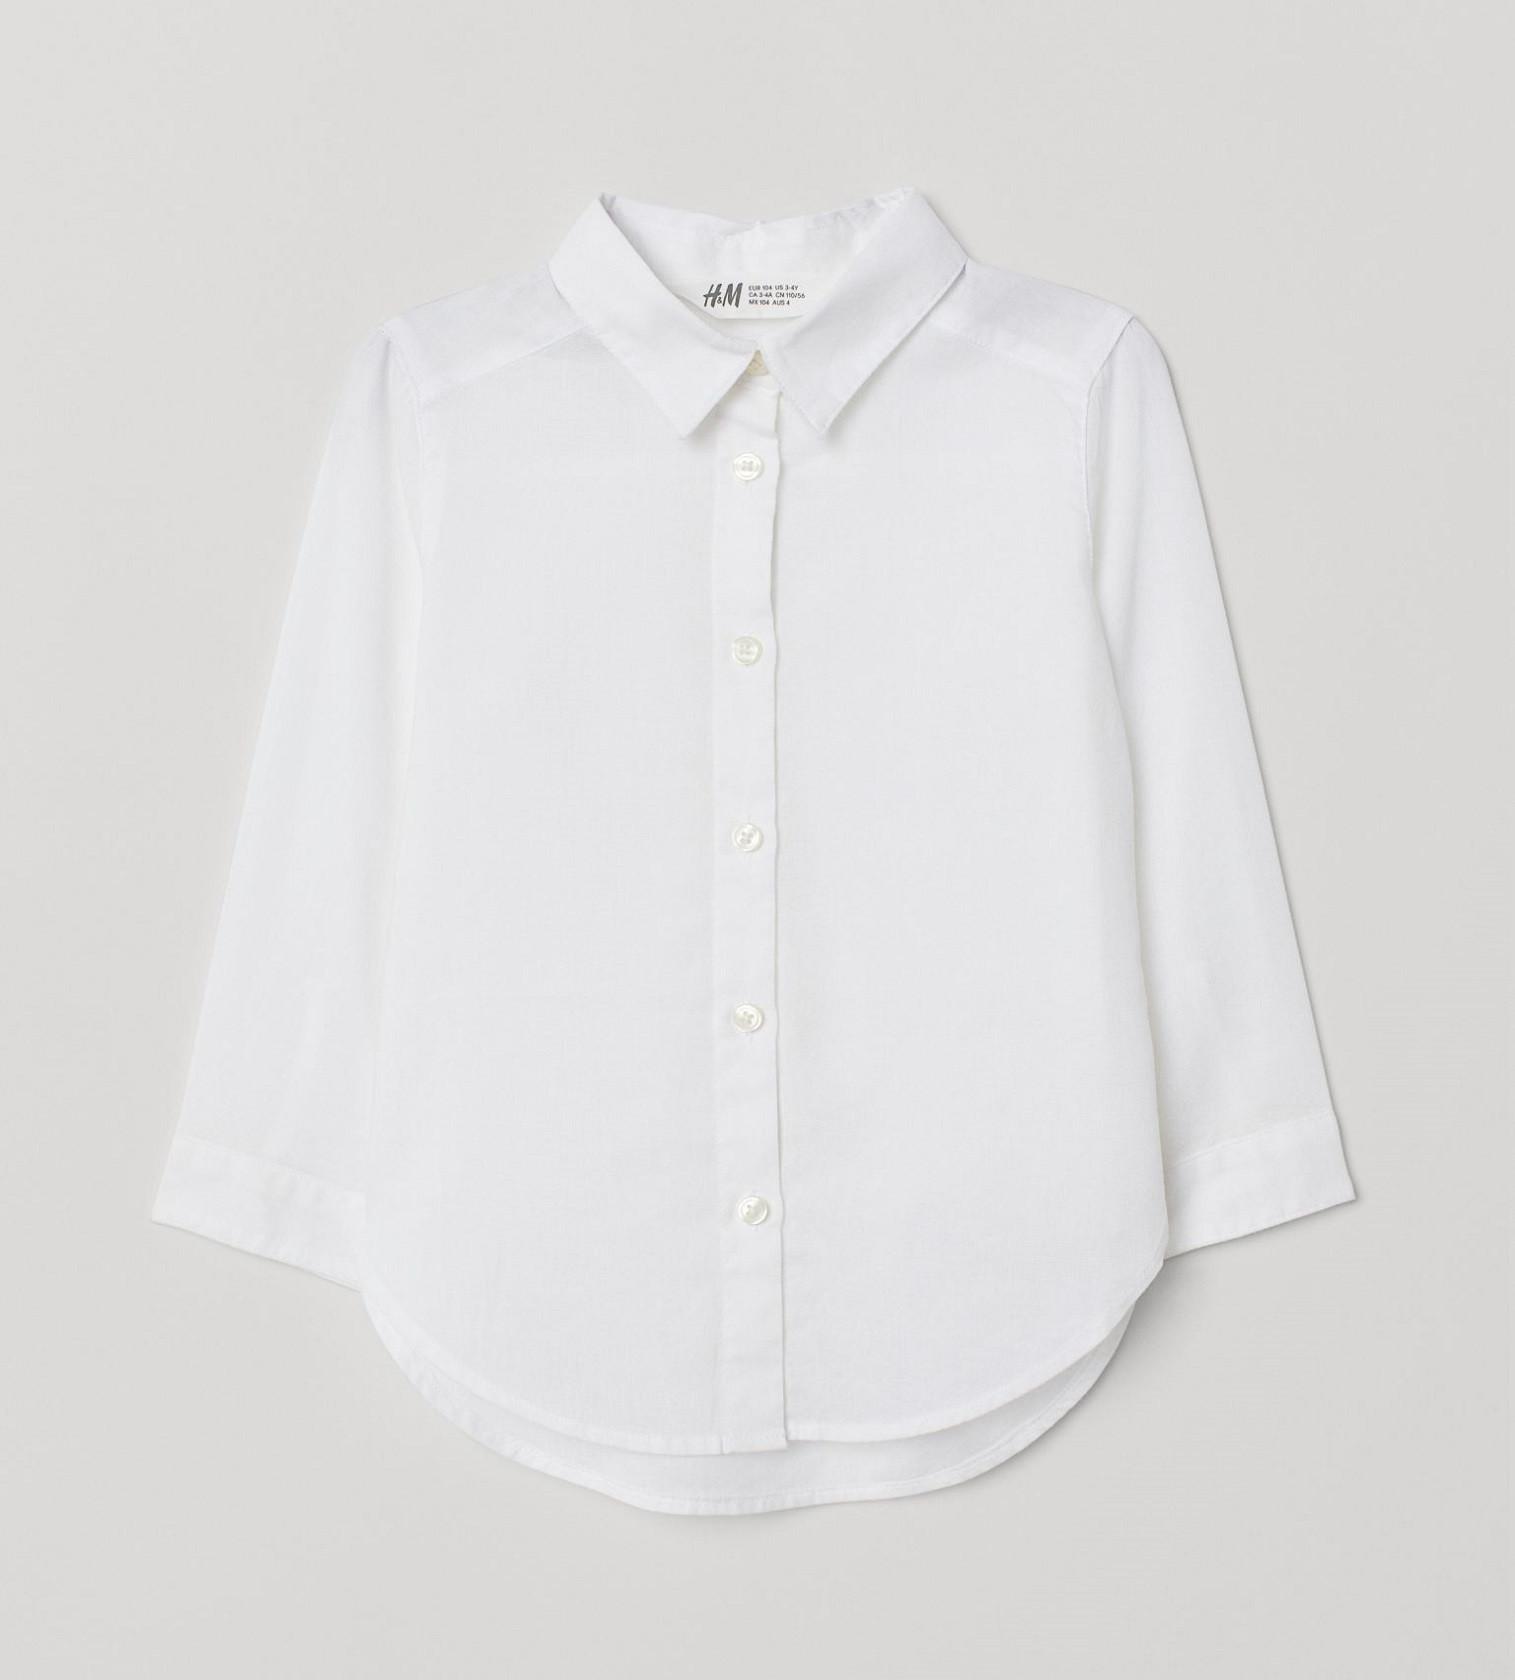 Купити Сорочка бавовняна H&M Біла - фото 1